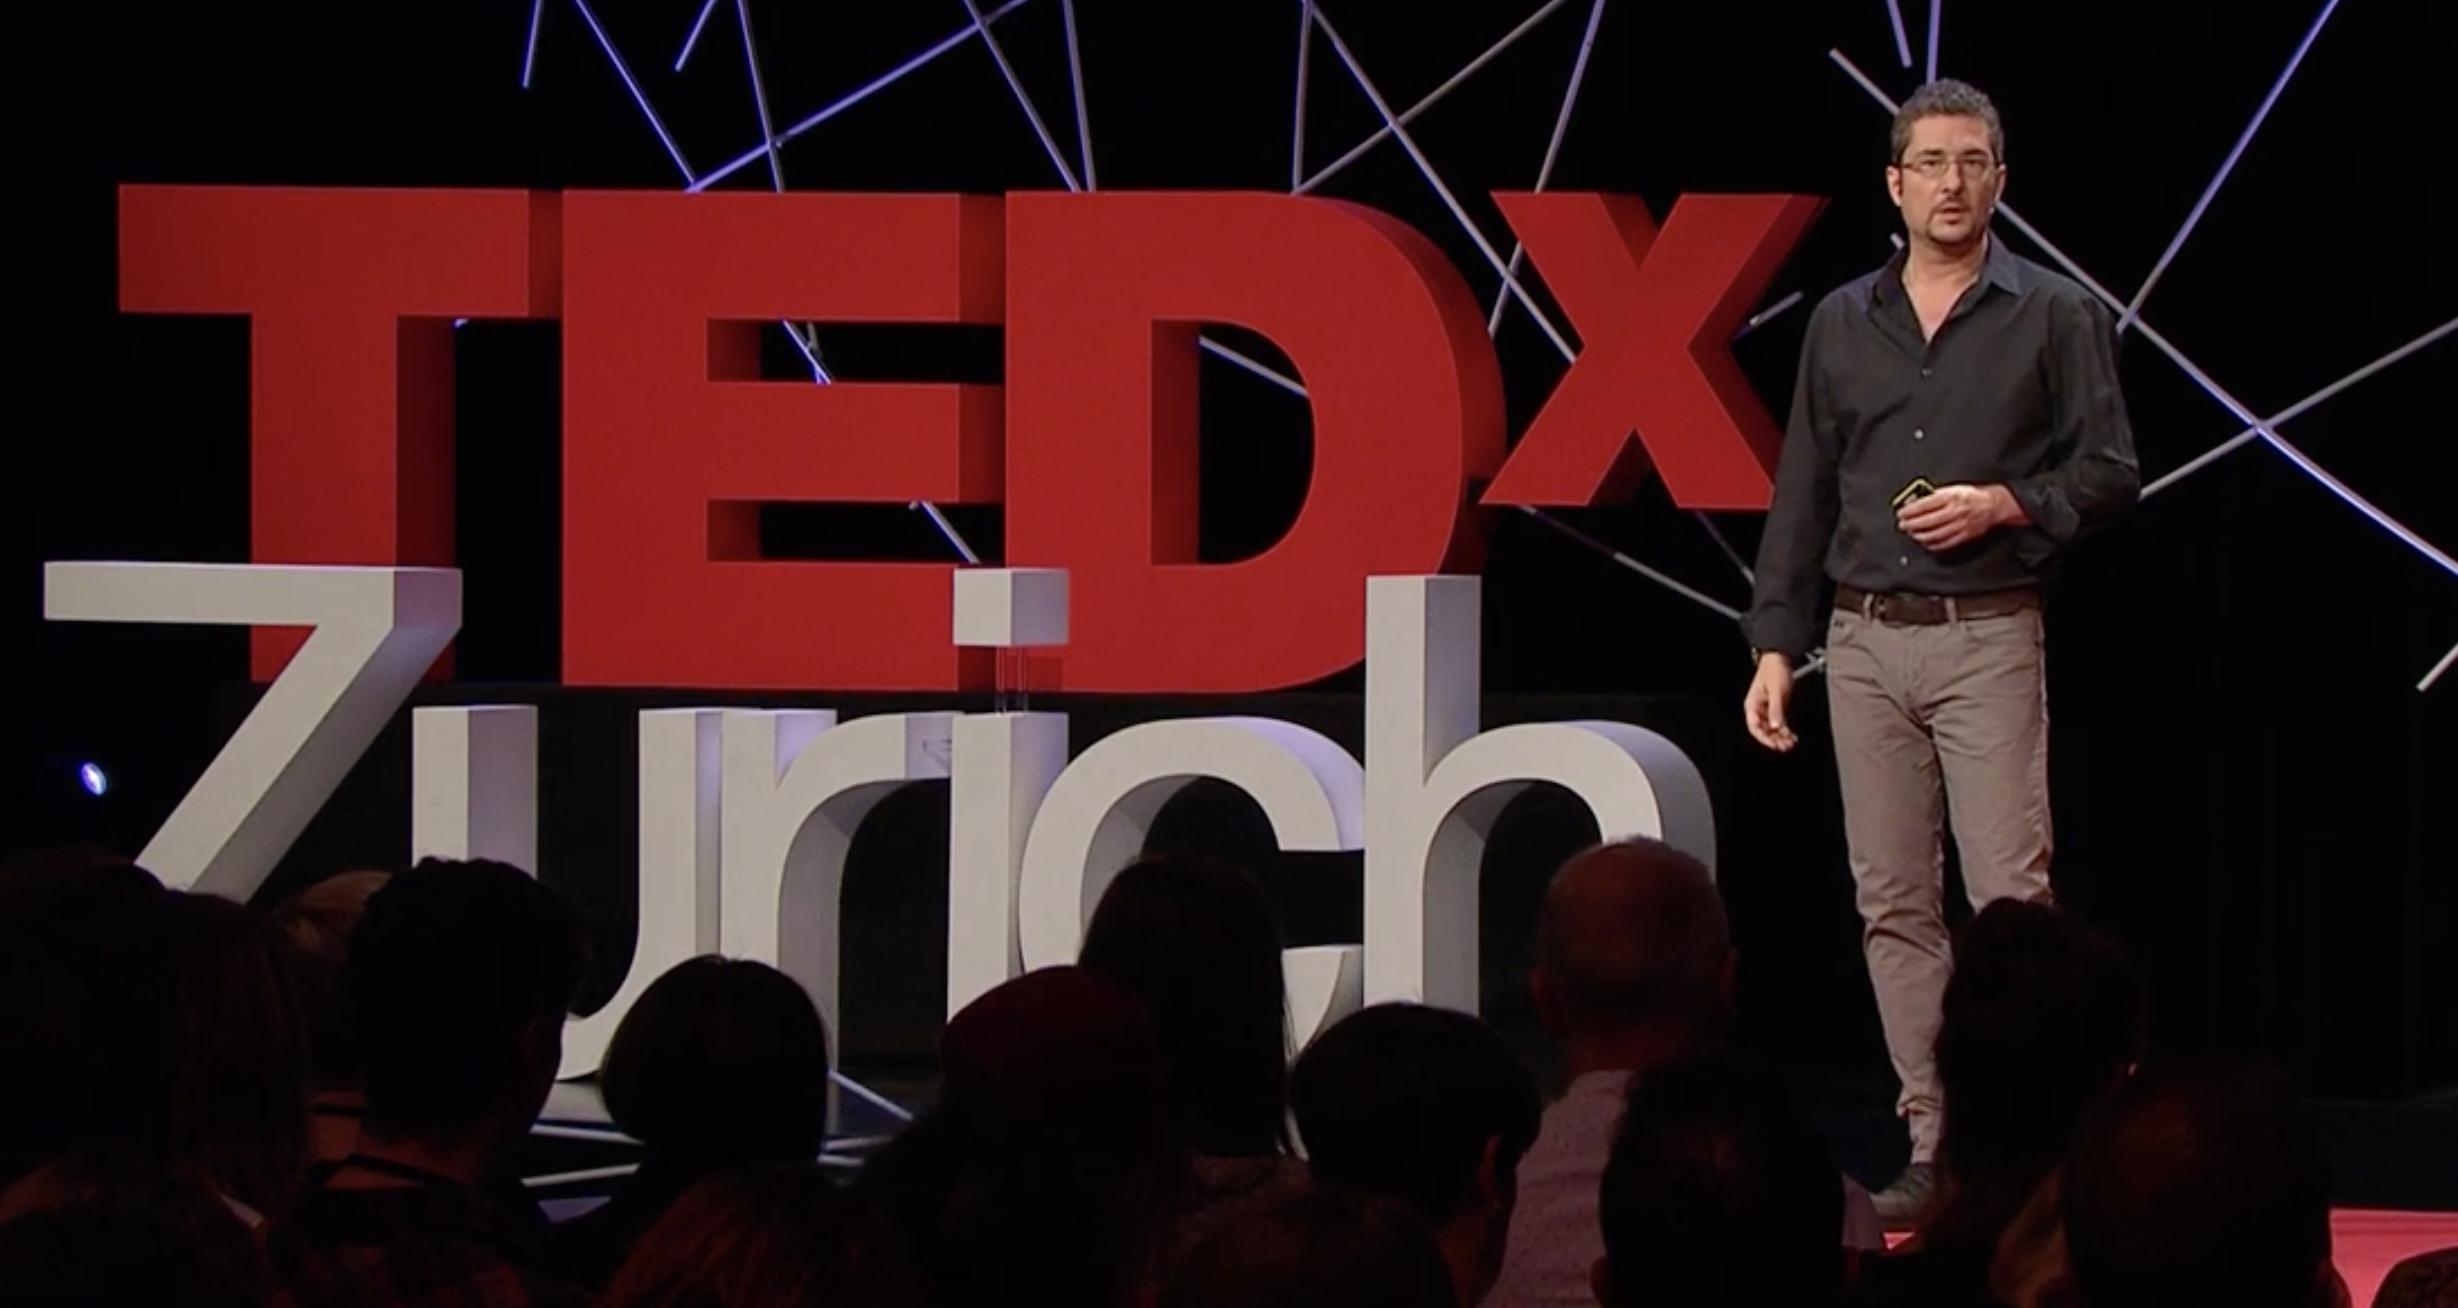 TEDXZurich2